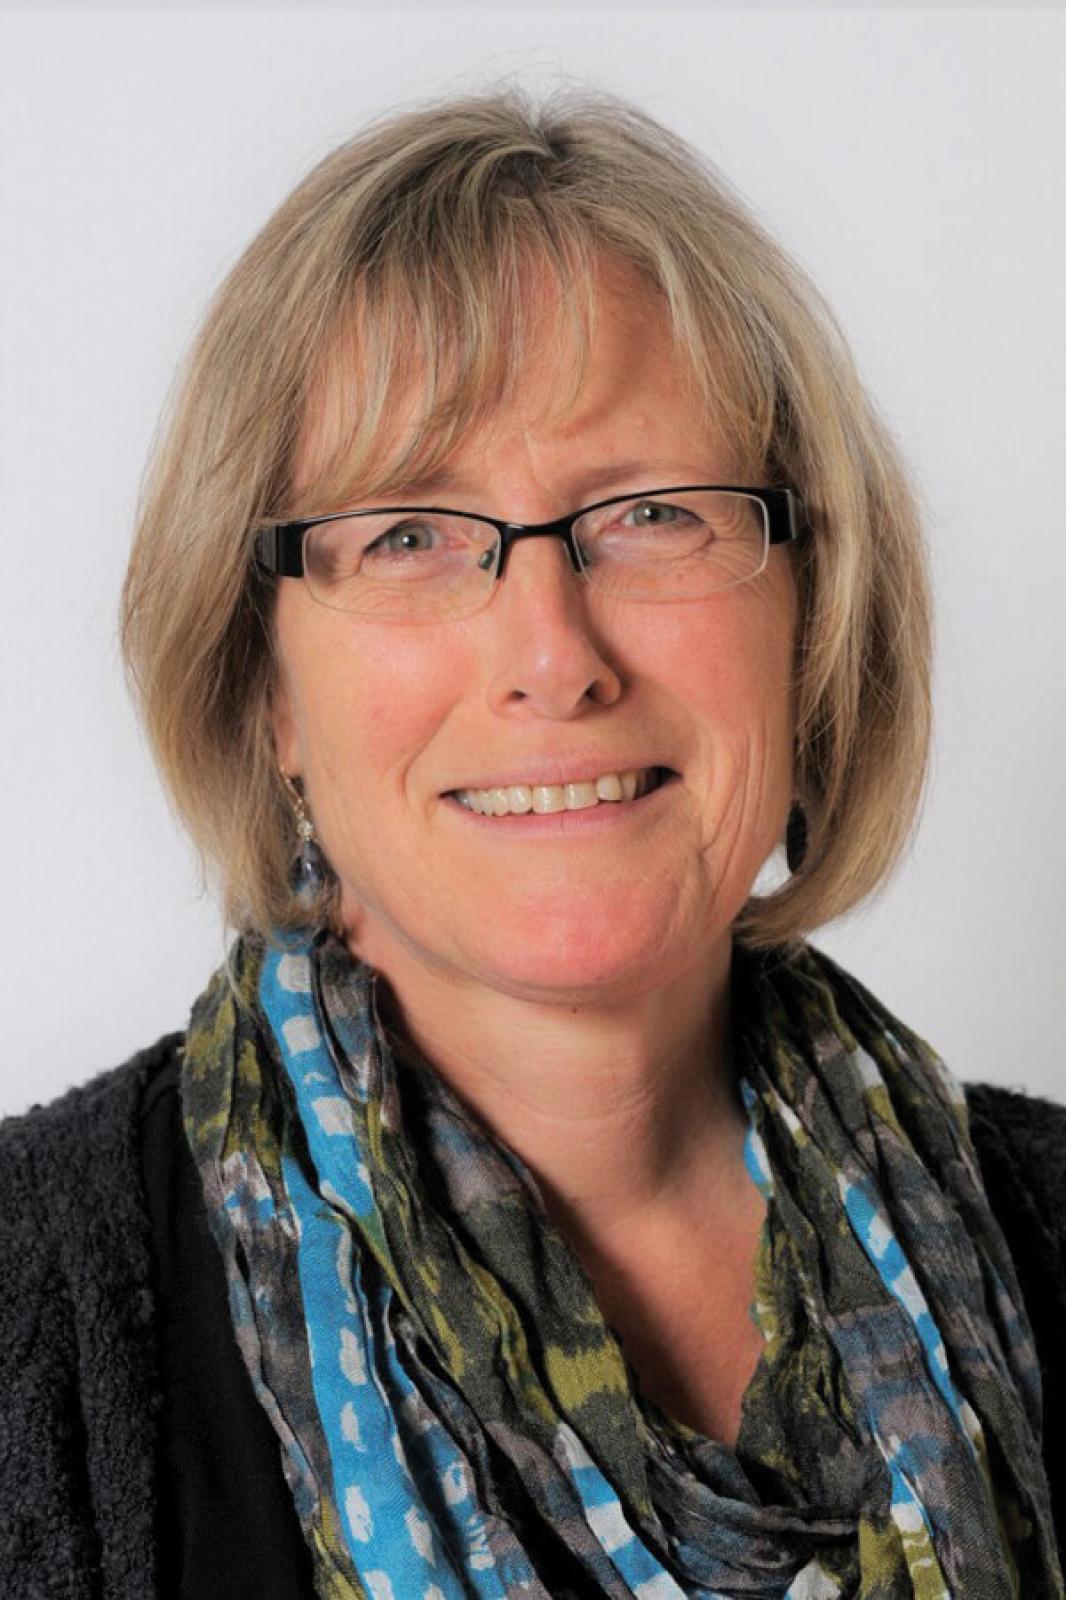 Deb Pella Keen